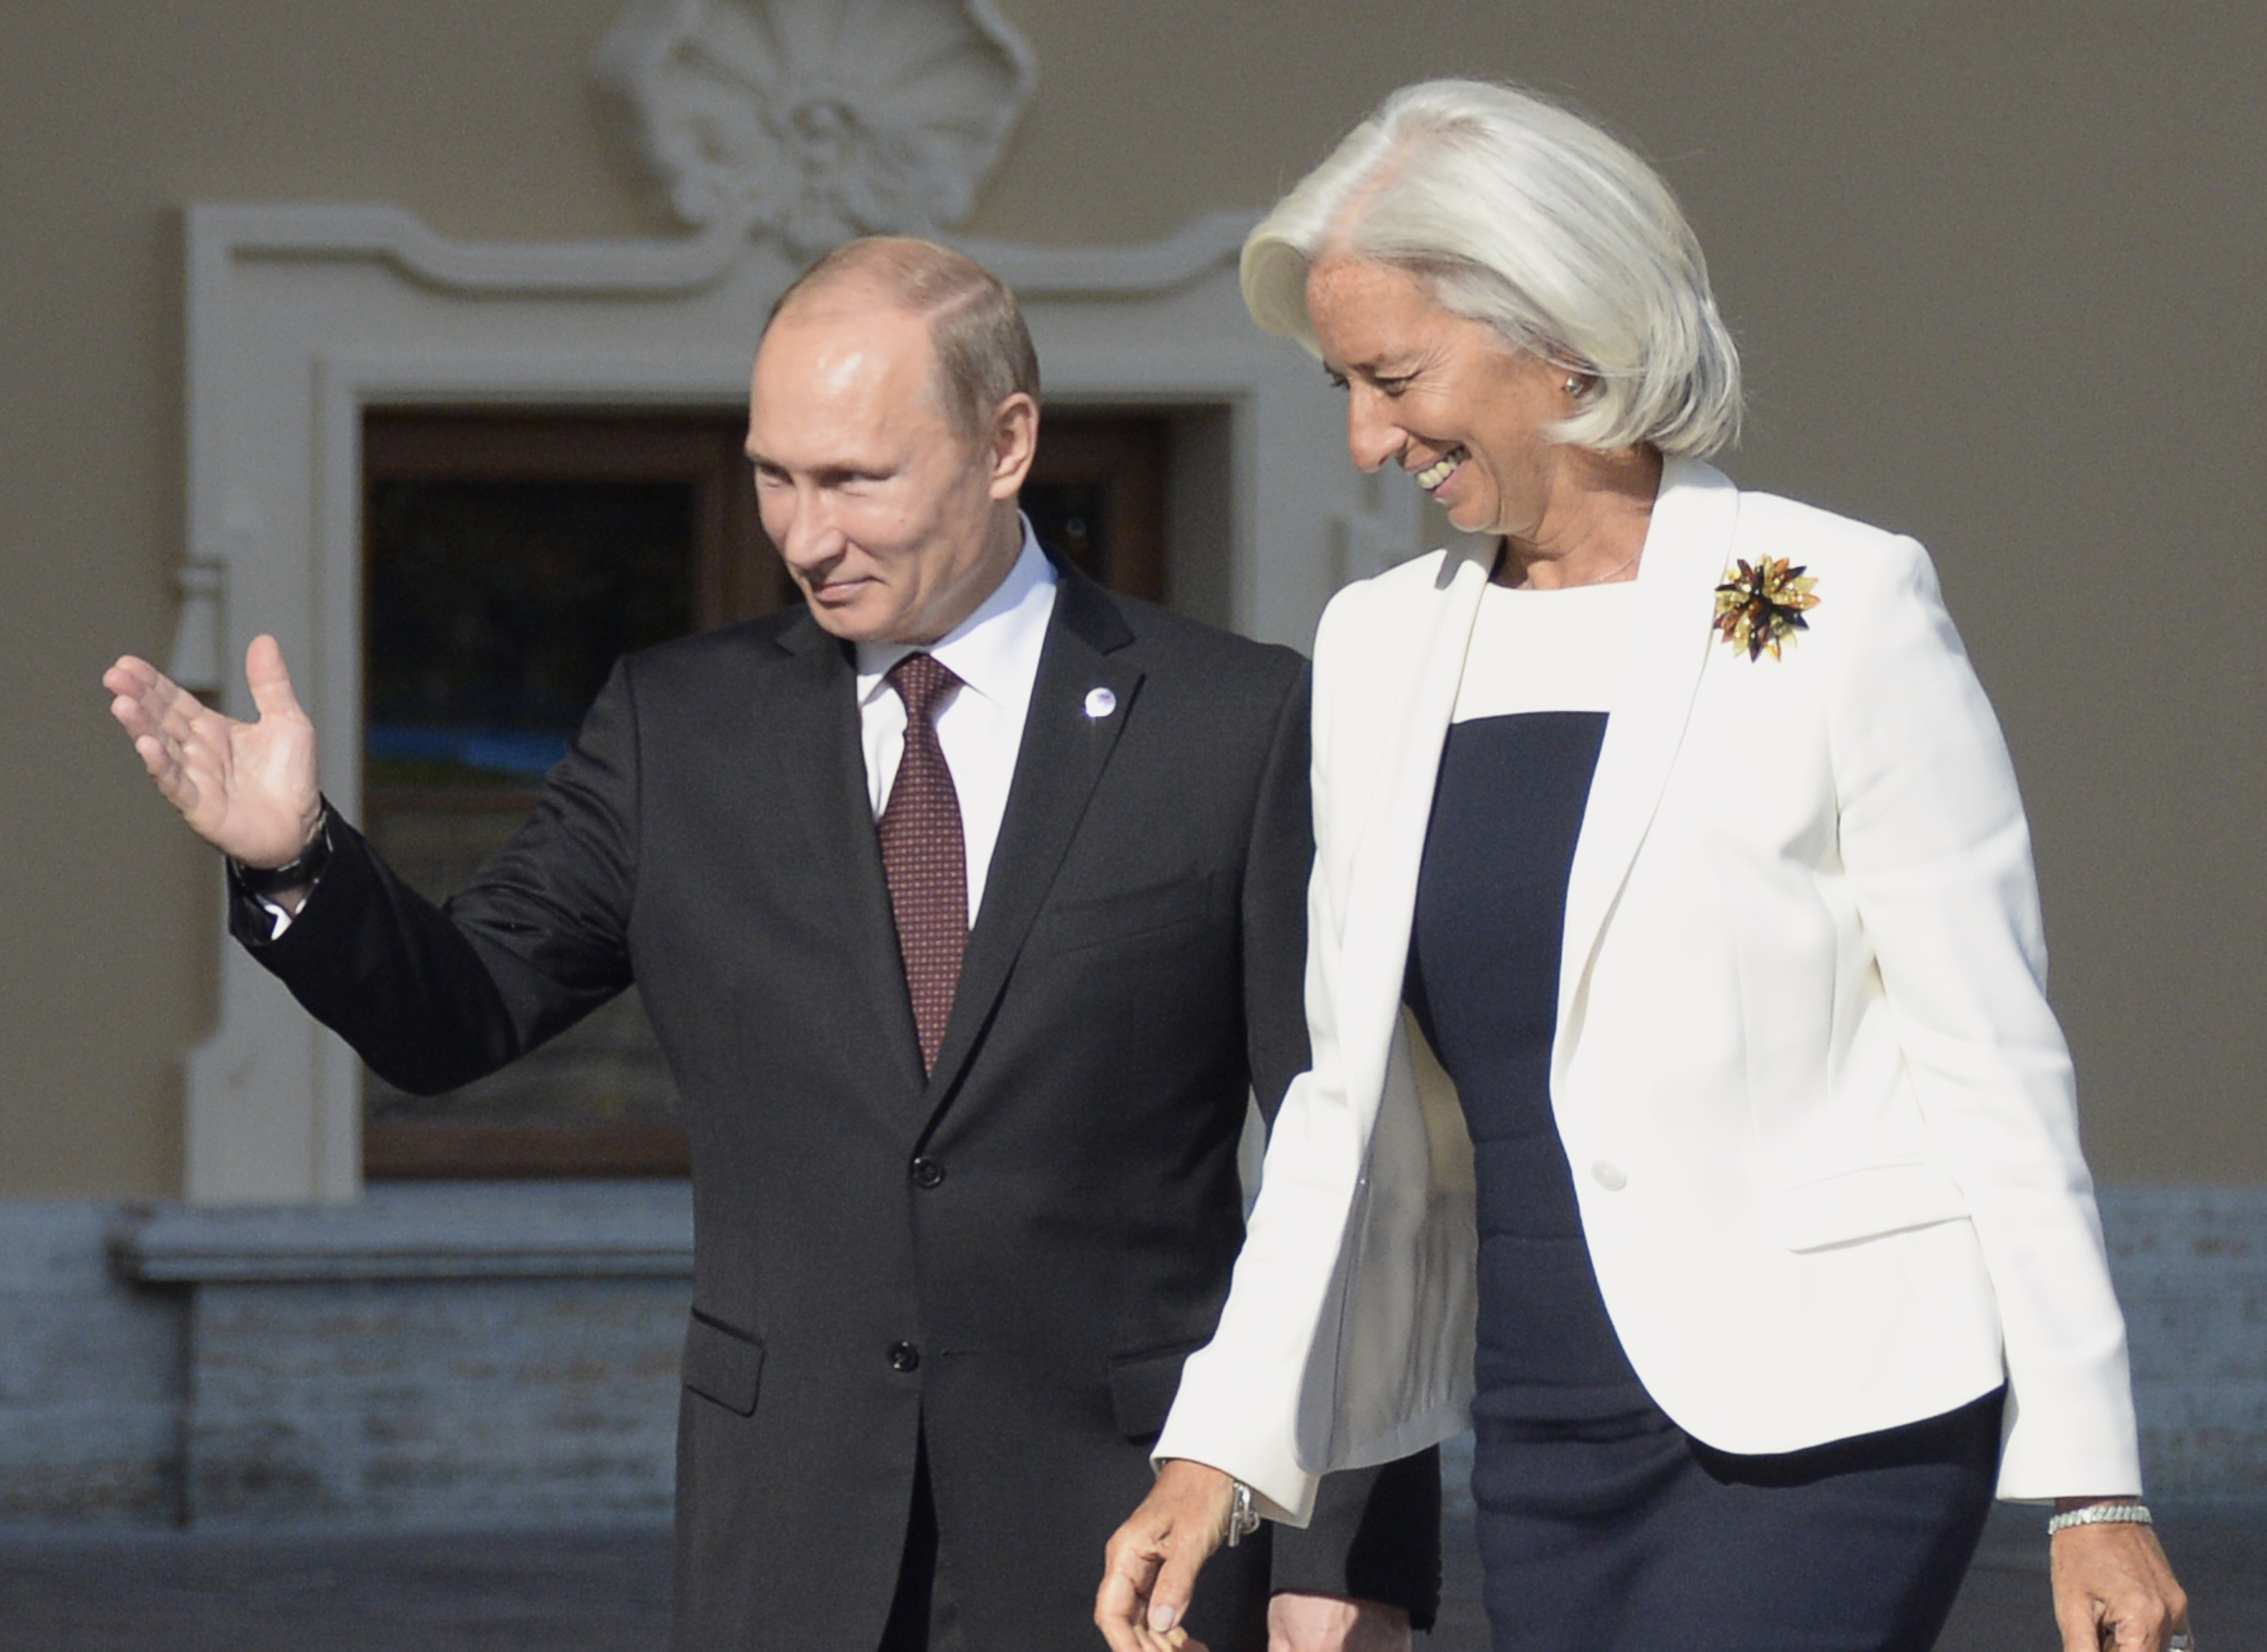 2013年9月プーチン大統領の故郷サンクトペテルブルクで20ヶ国・地域(G20)首脳会議が開催され、クリスティーヌ・ラガルド国際通貨基金専務理事が案内される。